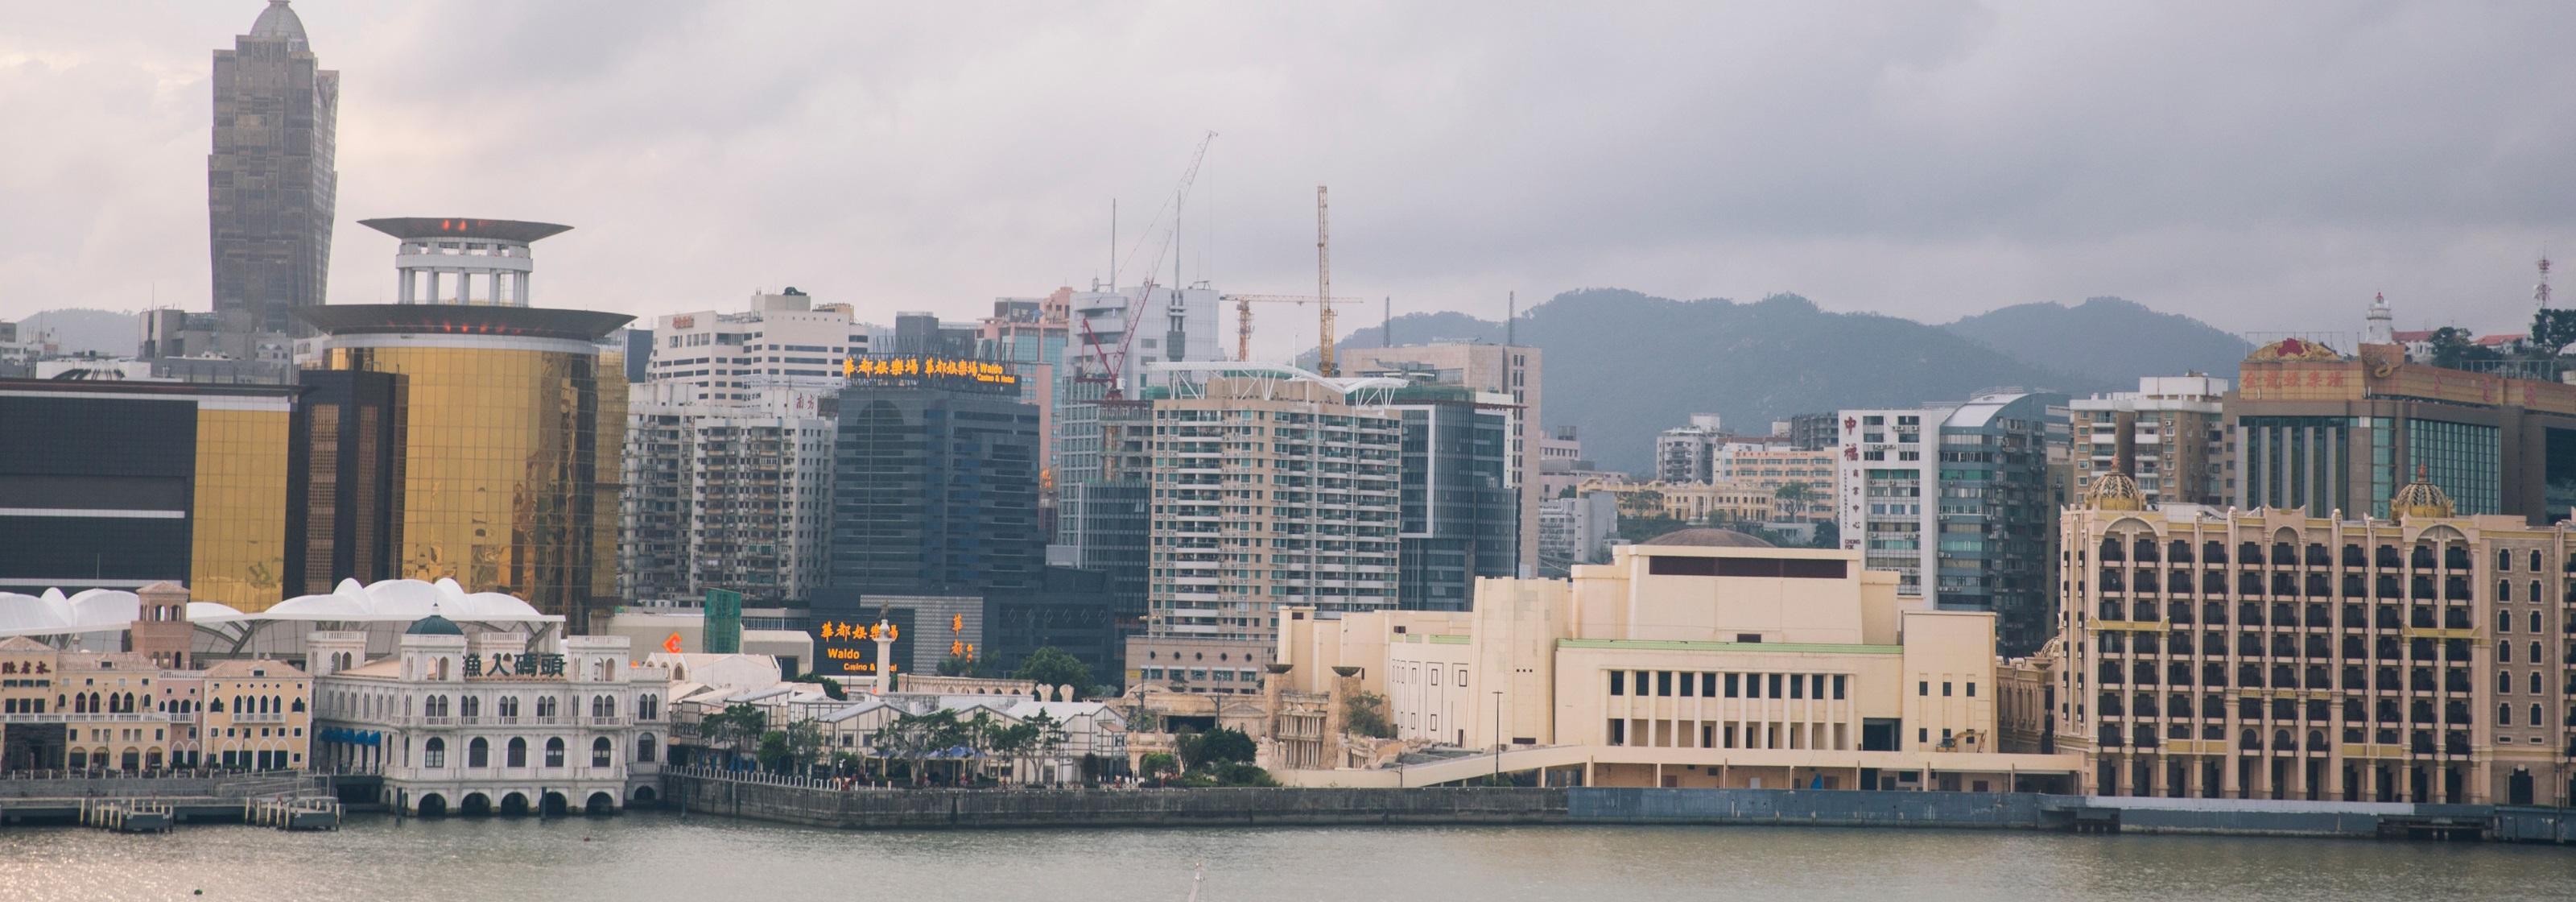 Cose da fare a Macao